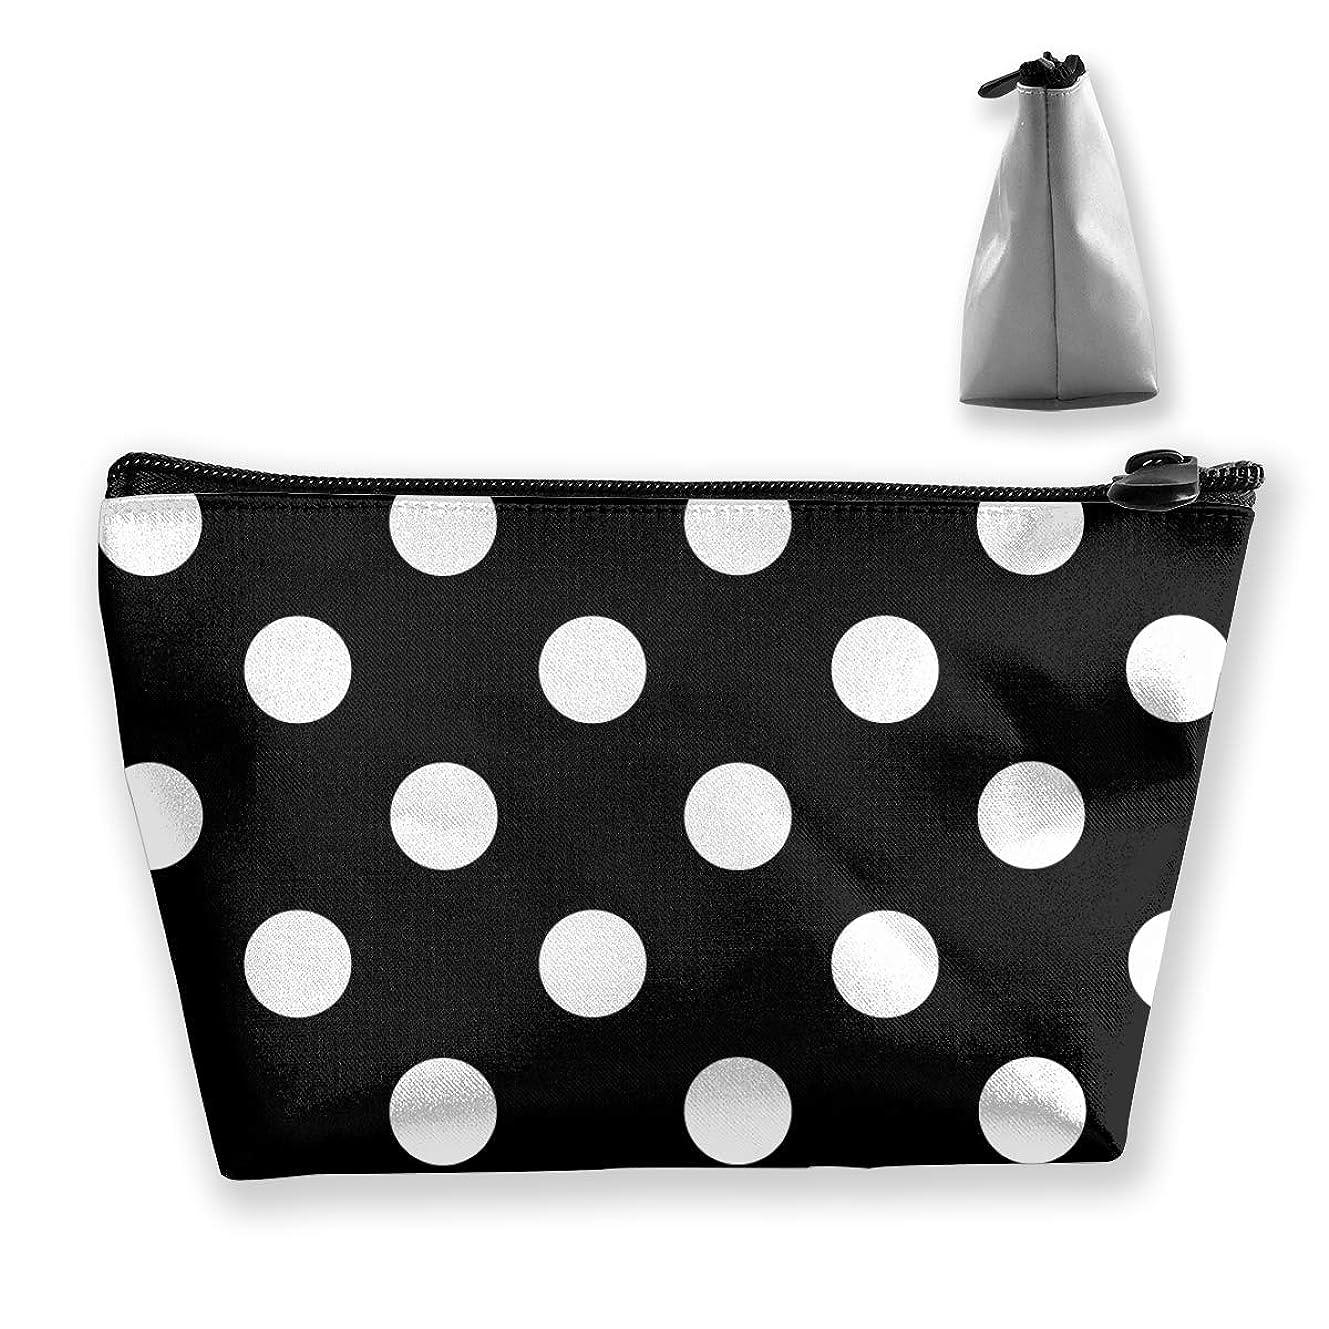 白の水玉 ペンケース文房具バッグ大容量ペンケース化粧品袋収納袋男の子と女の子多機能浴室シャワーバッグ旅行ポータブルストレージバッグ